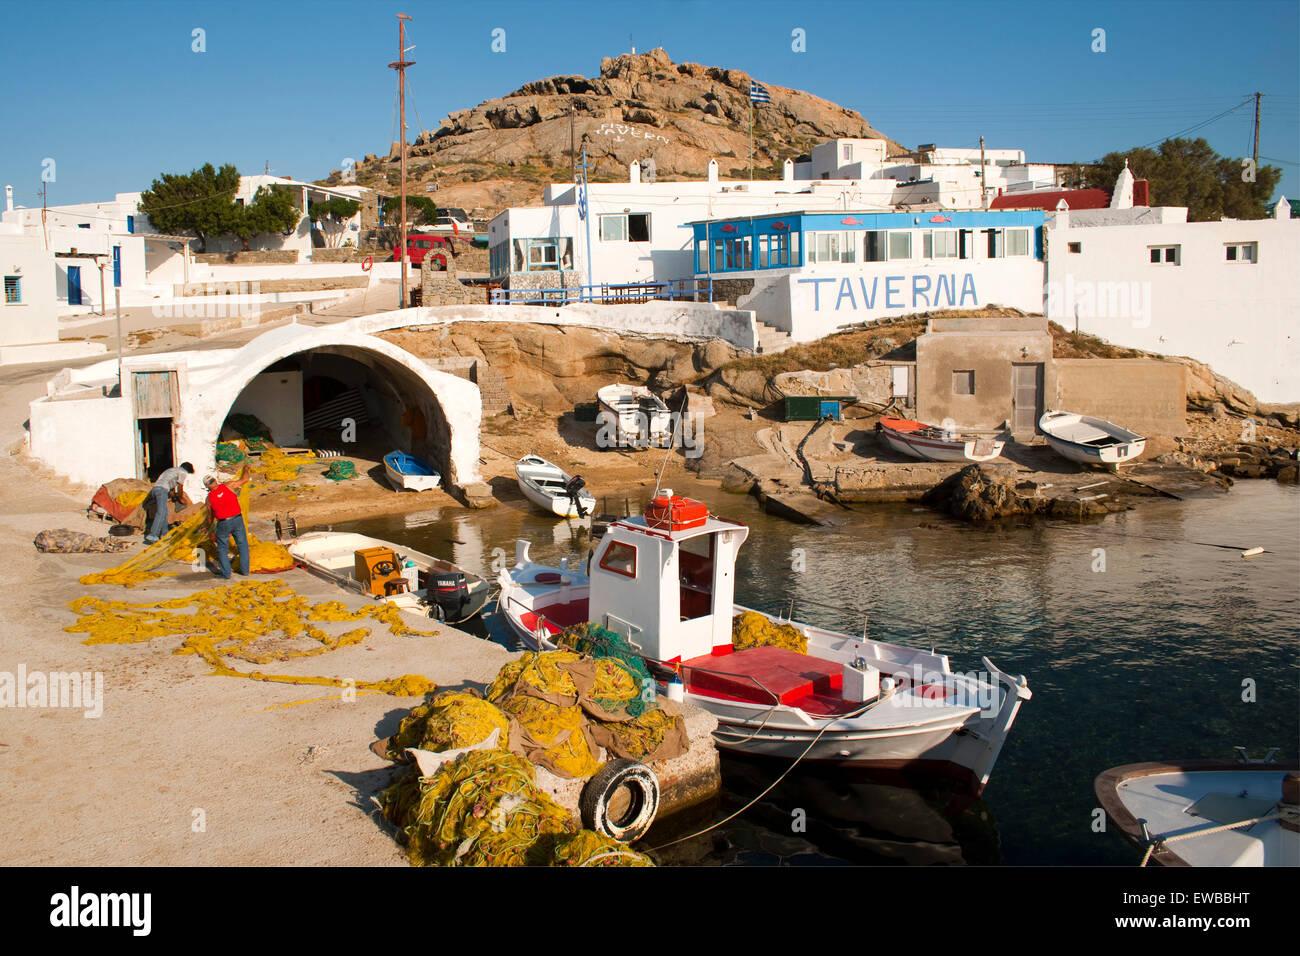 Griechenland, Kykladen, Mykonos, Halbinsel Divounia, stiller Fischerort mit Tavernen. Stock Photo